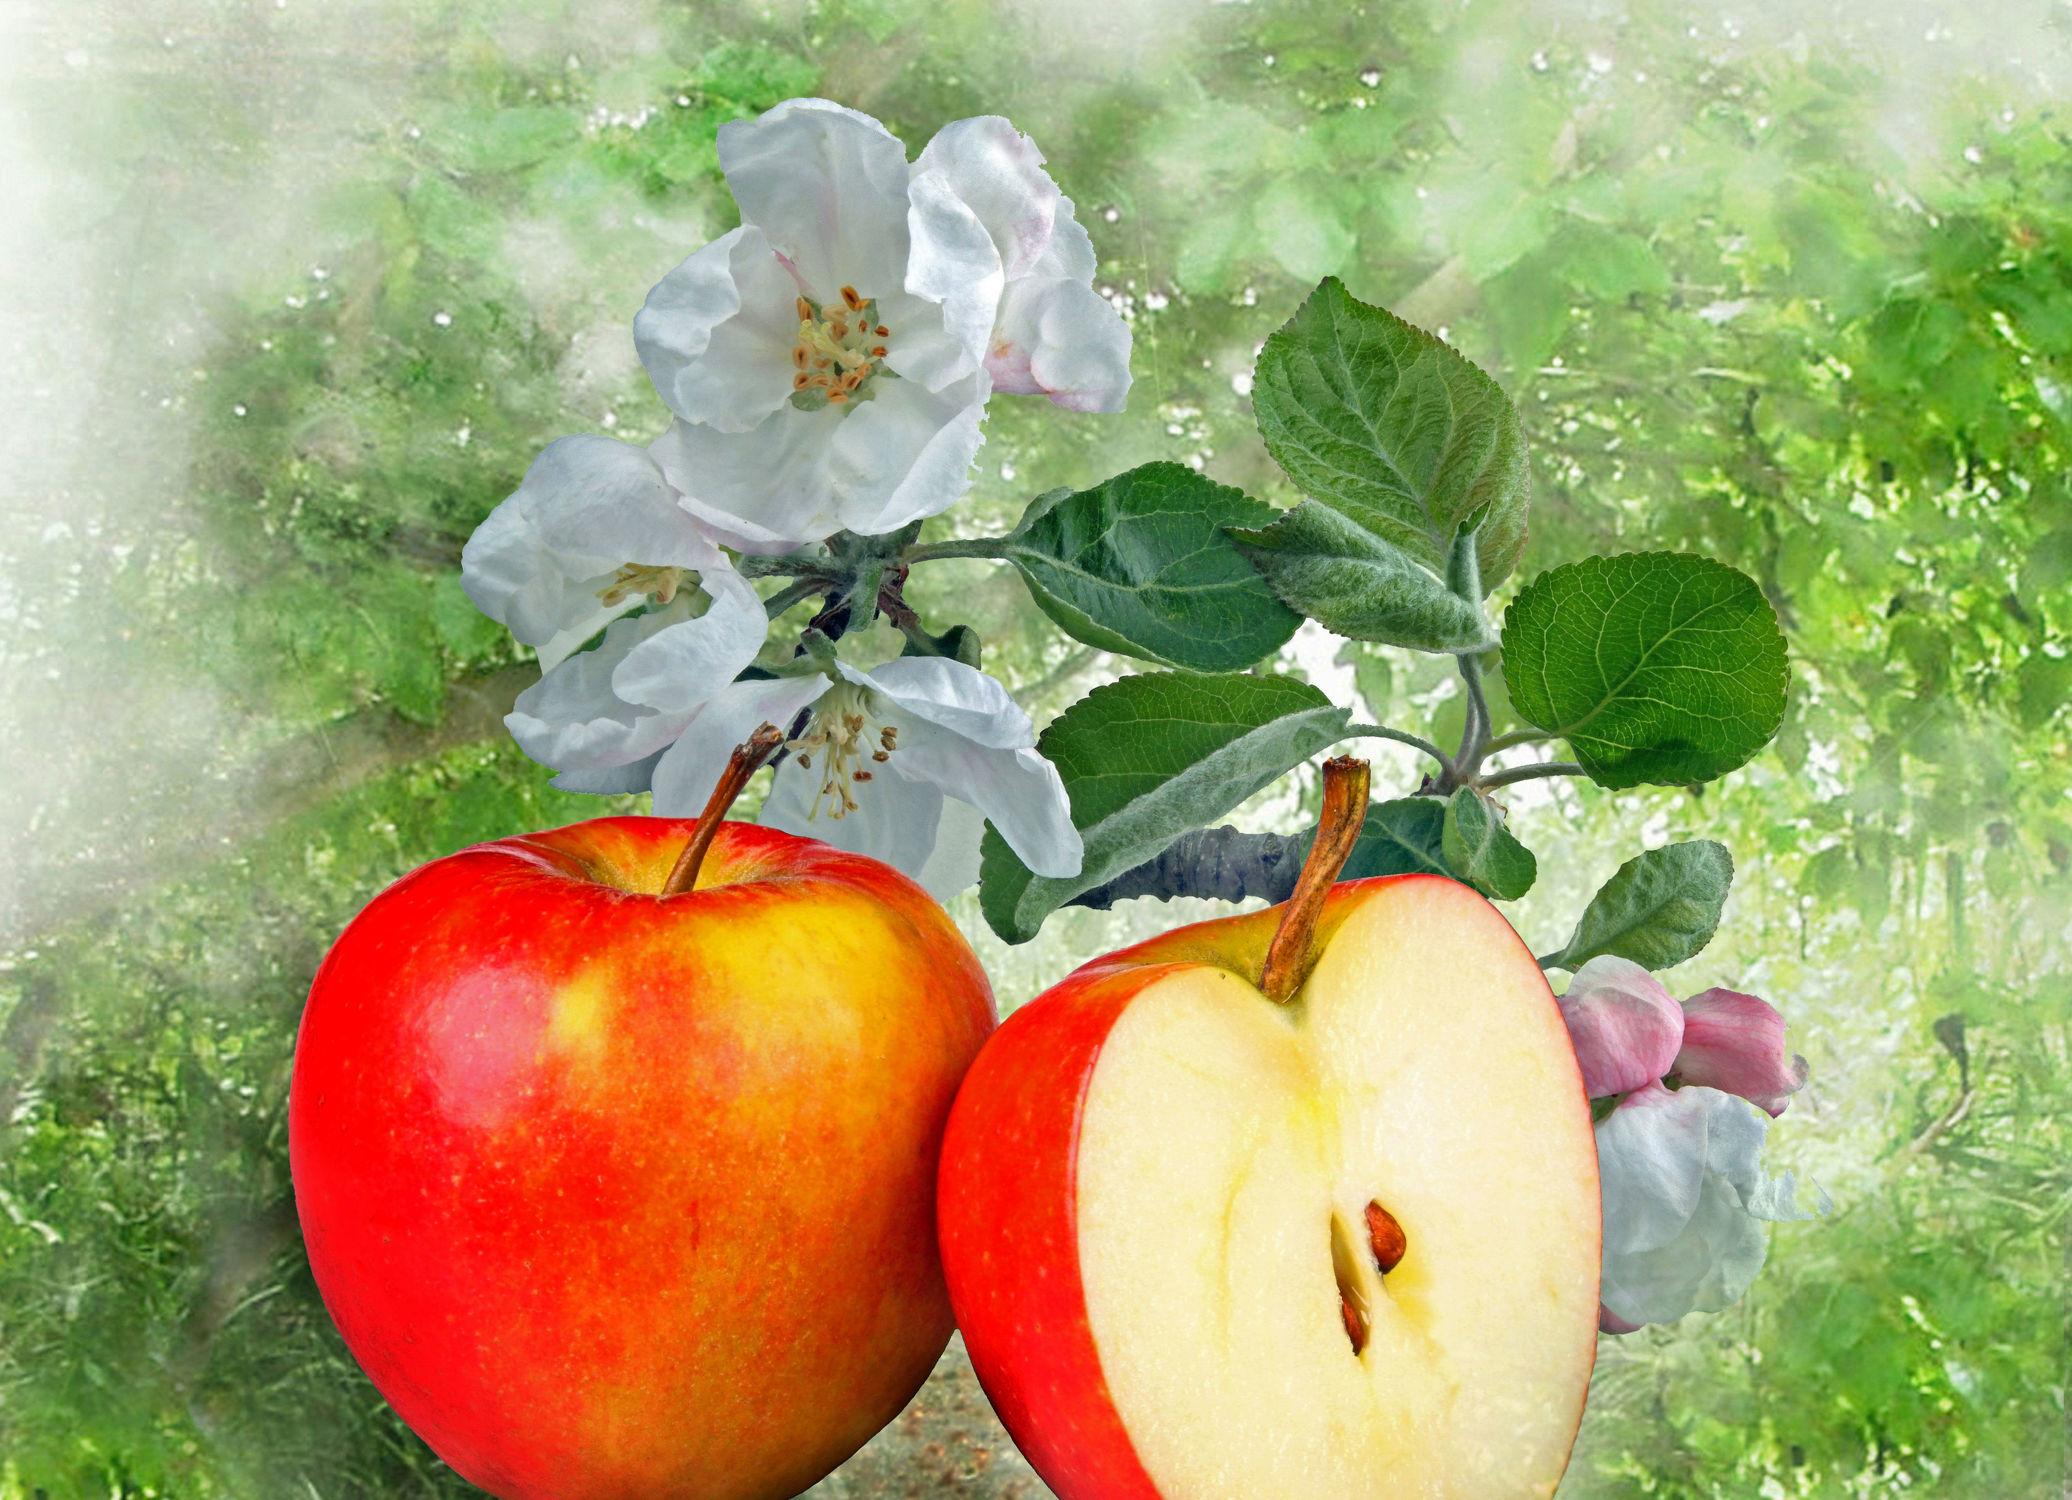 Bild mit Natur, Natur, Pflanzen, Bäume, Früchte, Baum, Frucht, Obst, Pflanze, Apfel, Apfel, Blüten, garten, blüte, Apfelblüte, apfelblüten